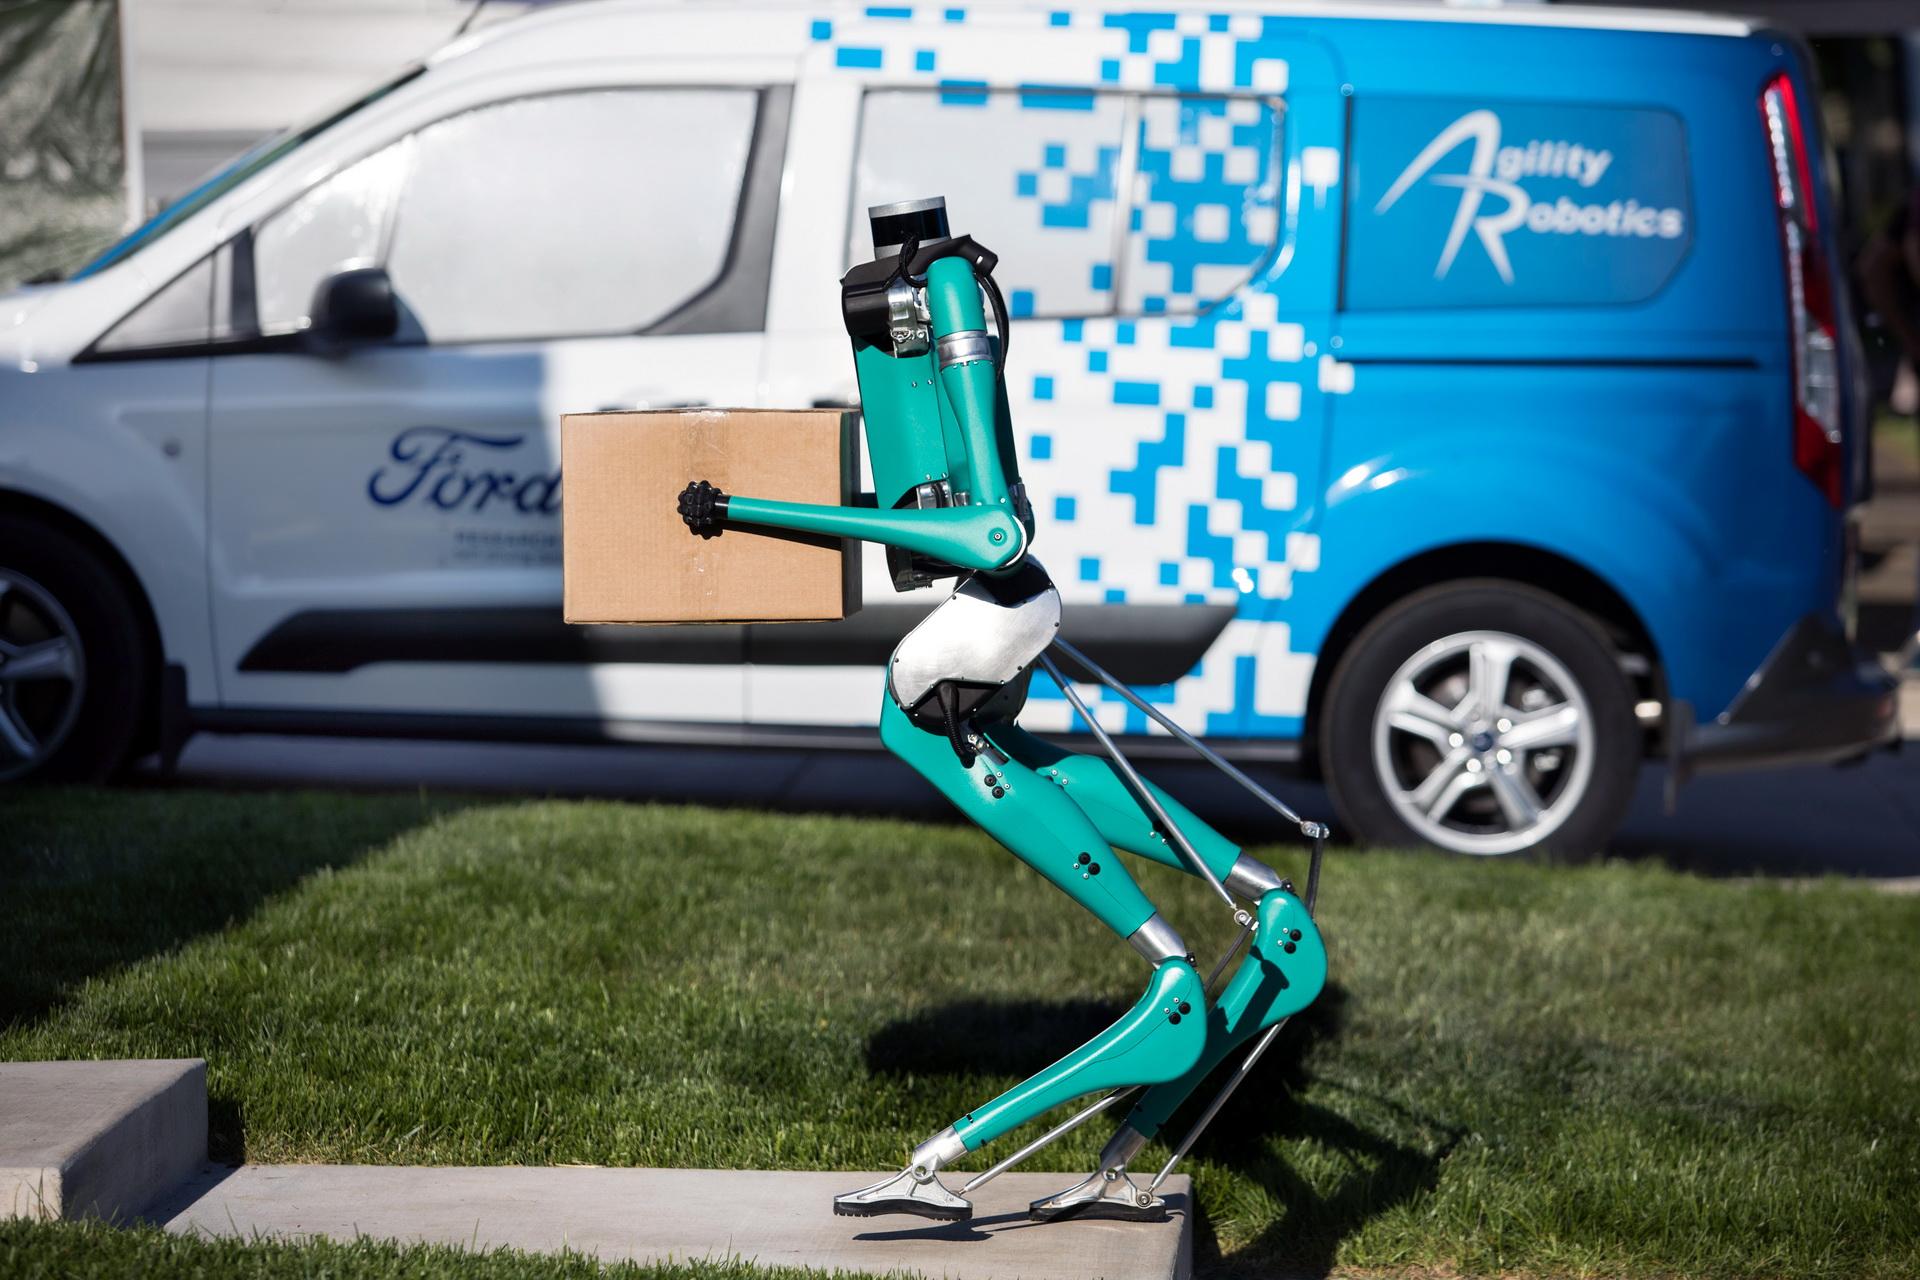 Ford phát triển Digit robot giao hàng tự động đến tận cửa - 6